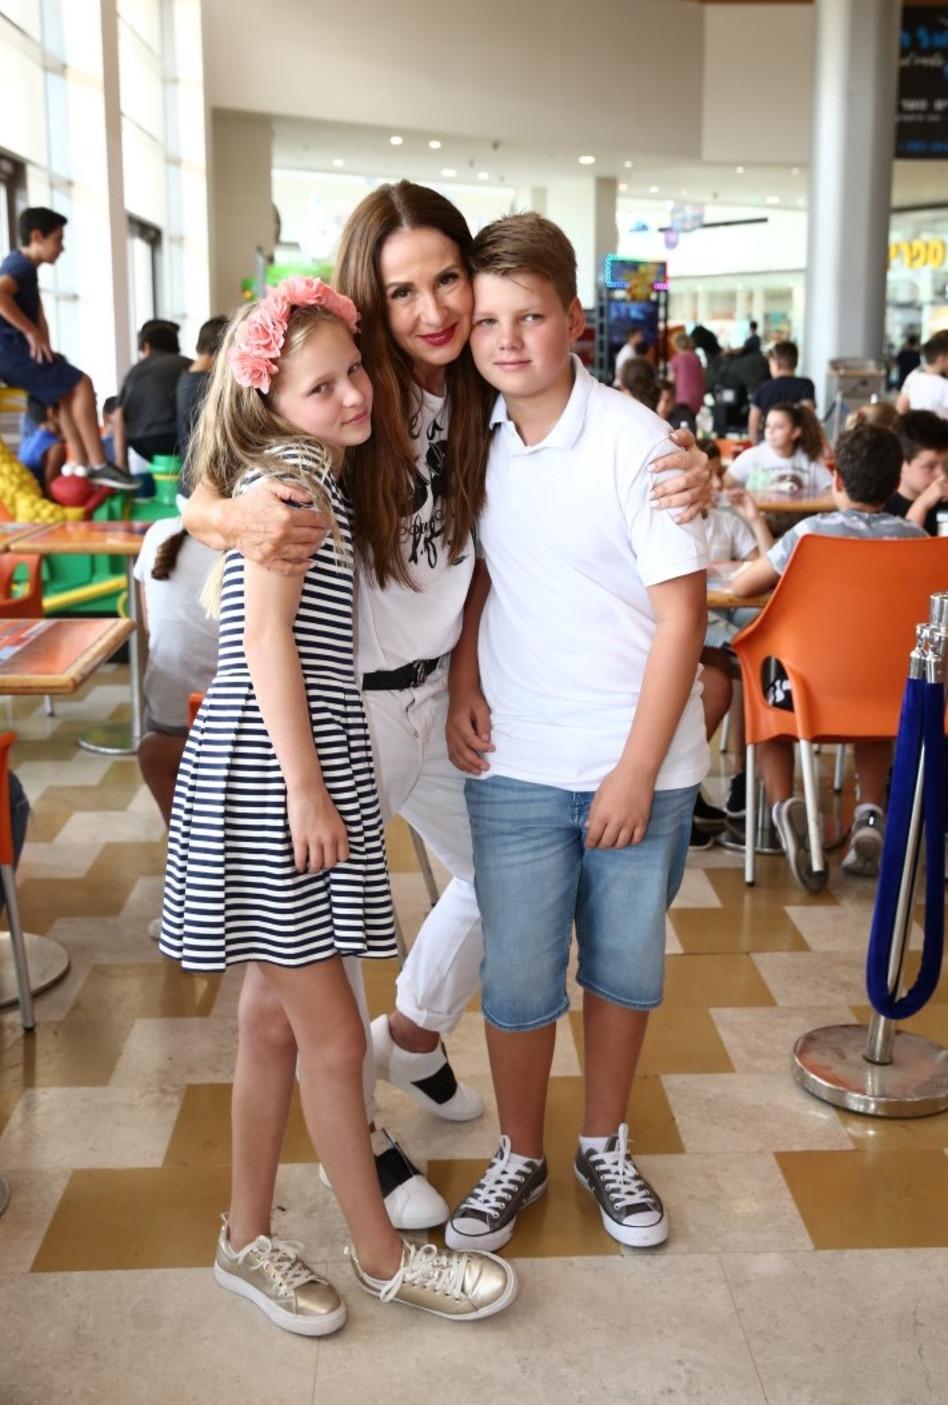 משפחה לתפארת. לאה שנירר עם מיה ורפאל (צילום: אלירן אביטל)